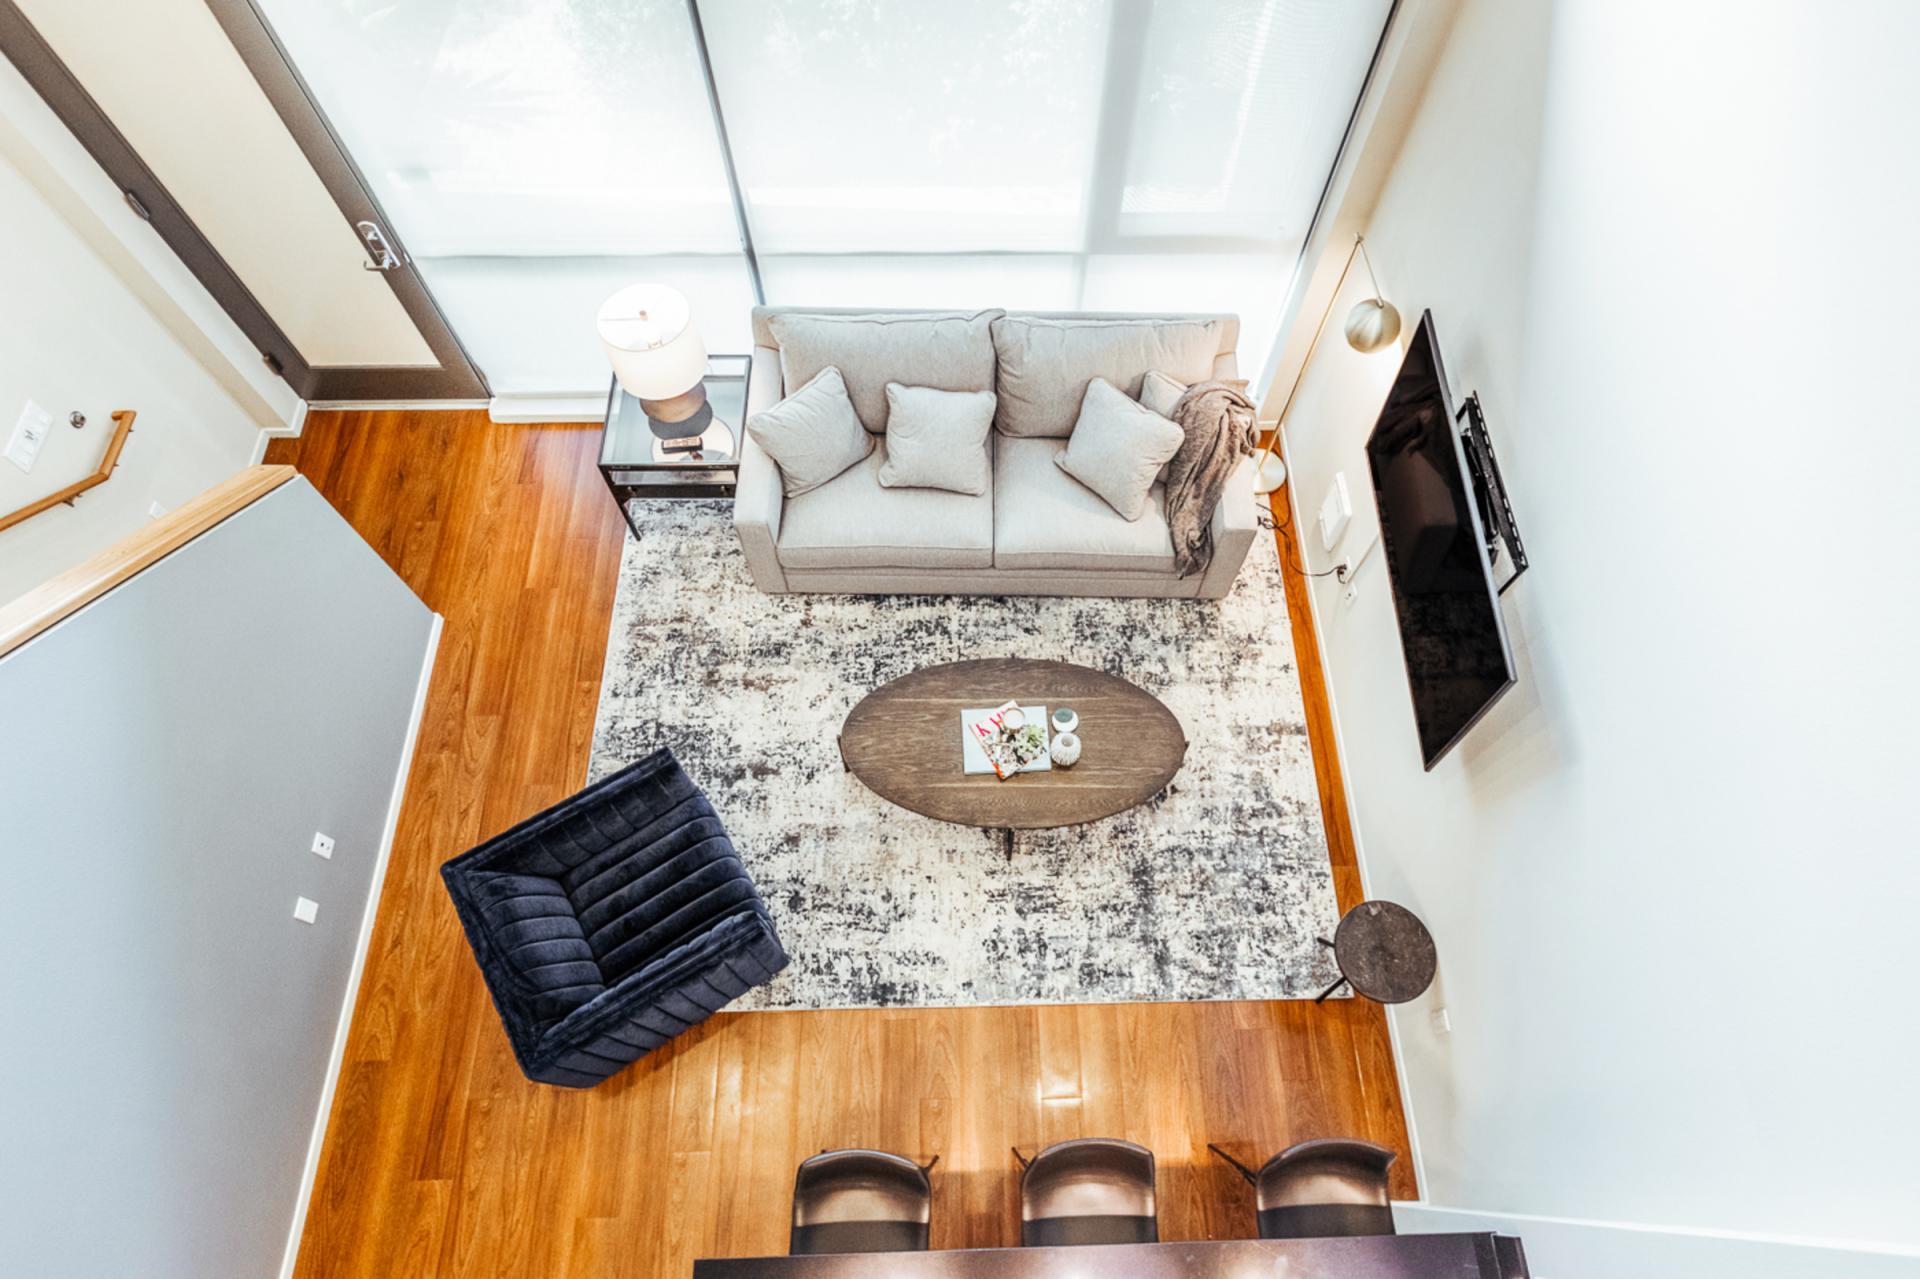 Sofa at Landing Furnished Apartments at MB360, Mission Bay, San Francisco